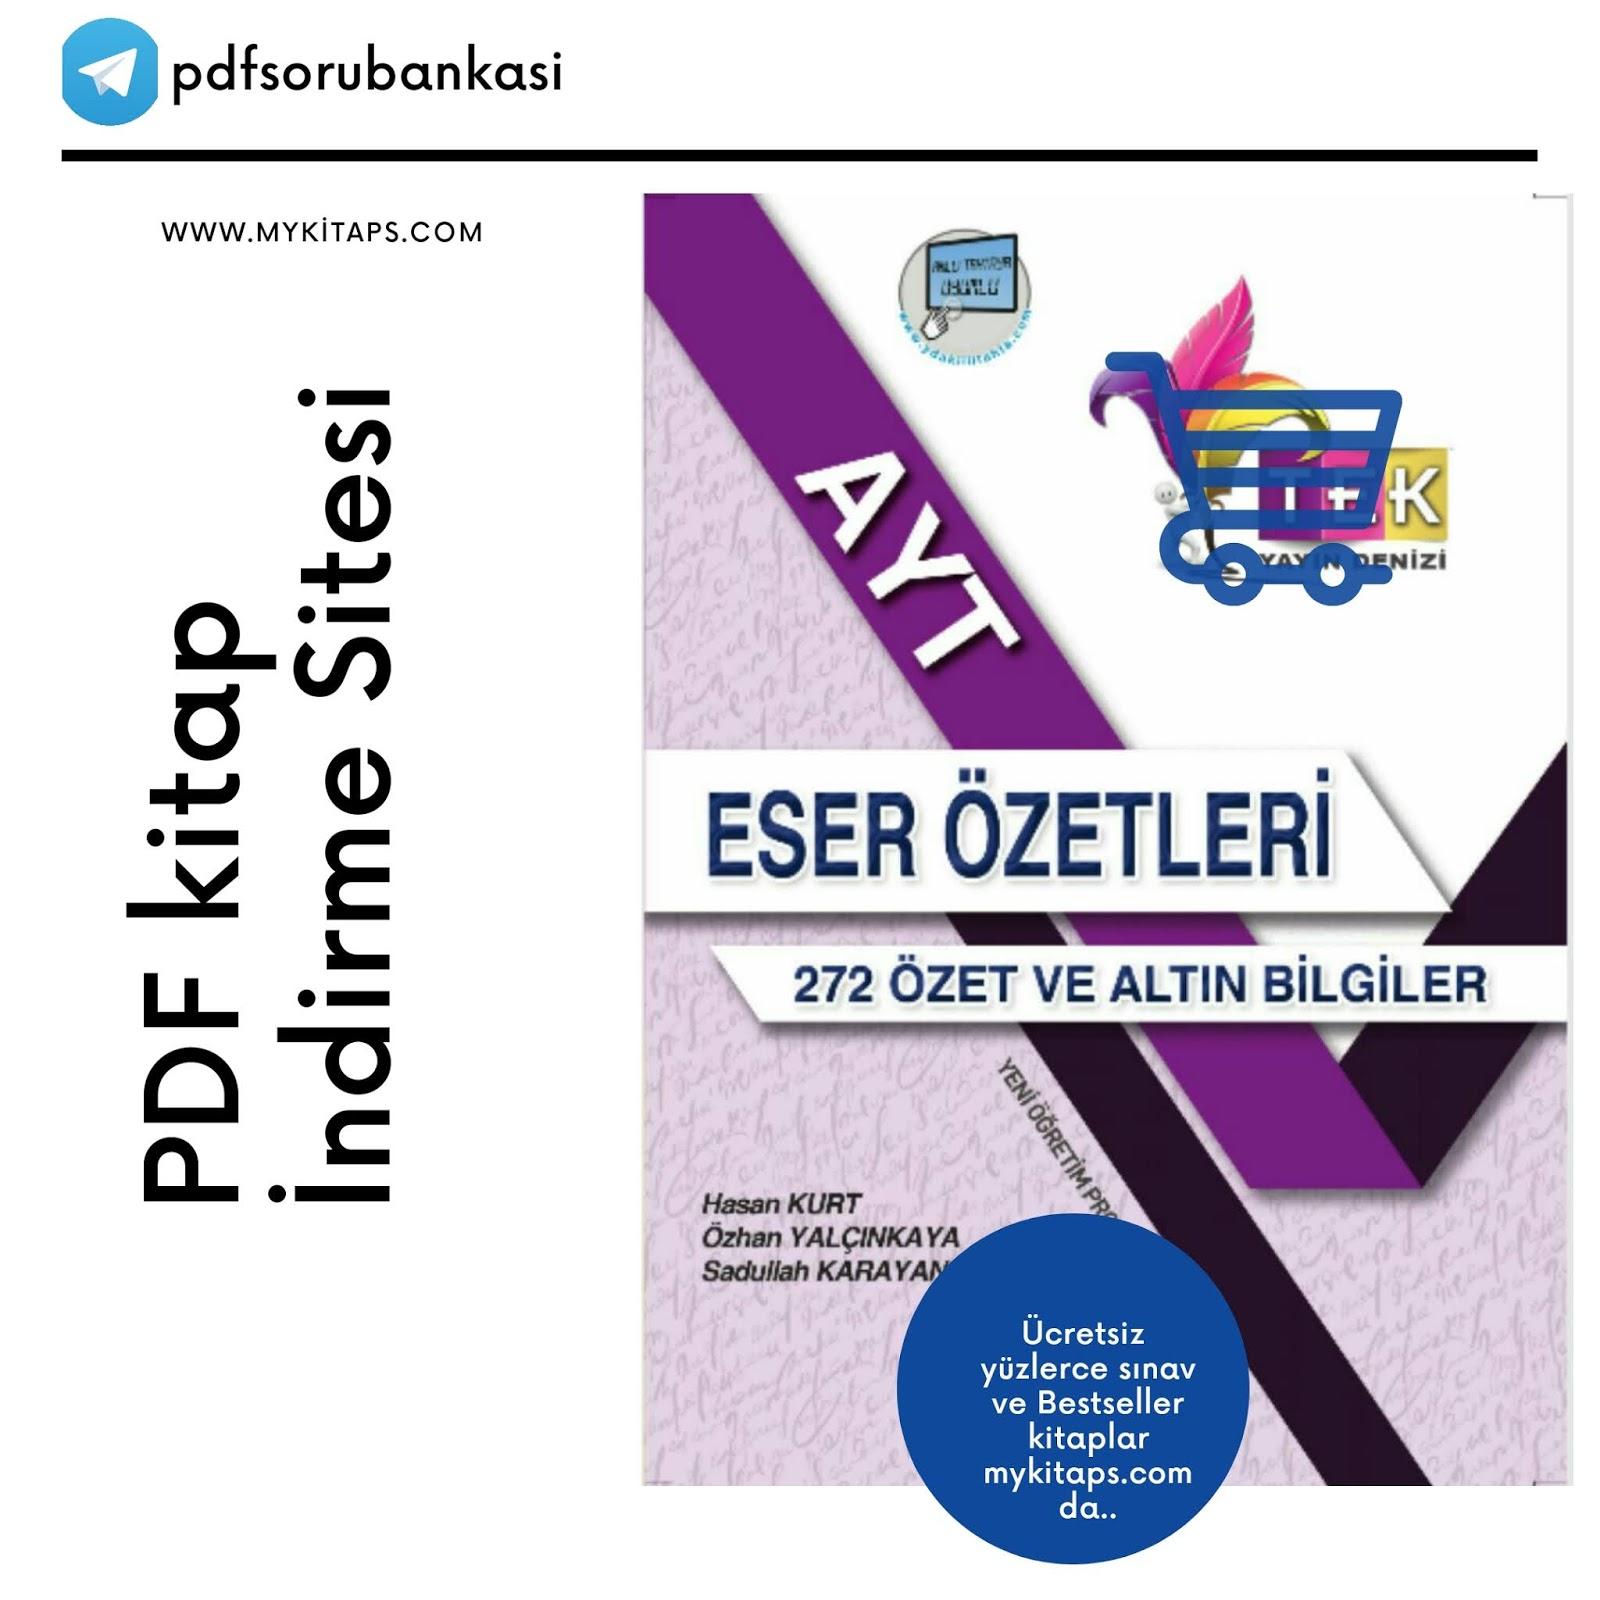 Yayın Denizi 272 Yazar Eser Özeti .zip